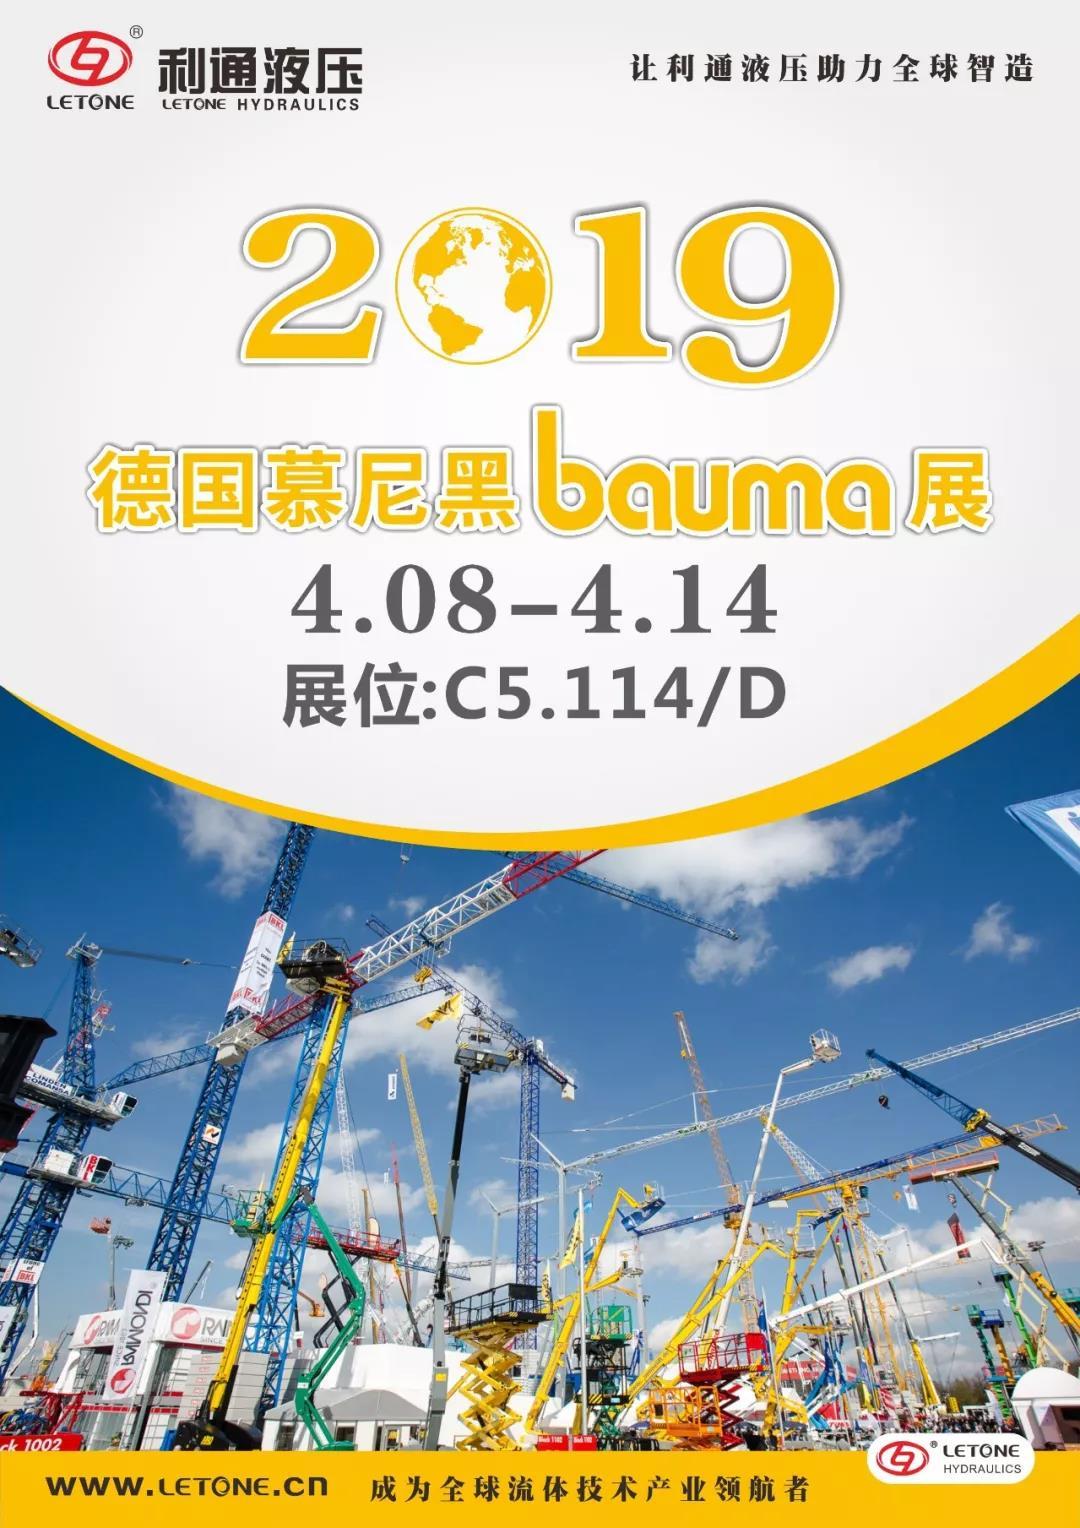 慕尼黑Bauma展4月8日~14日在C5.114/D展位等您来!